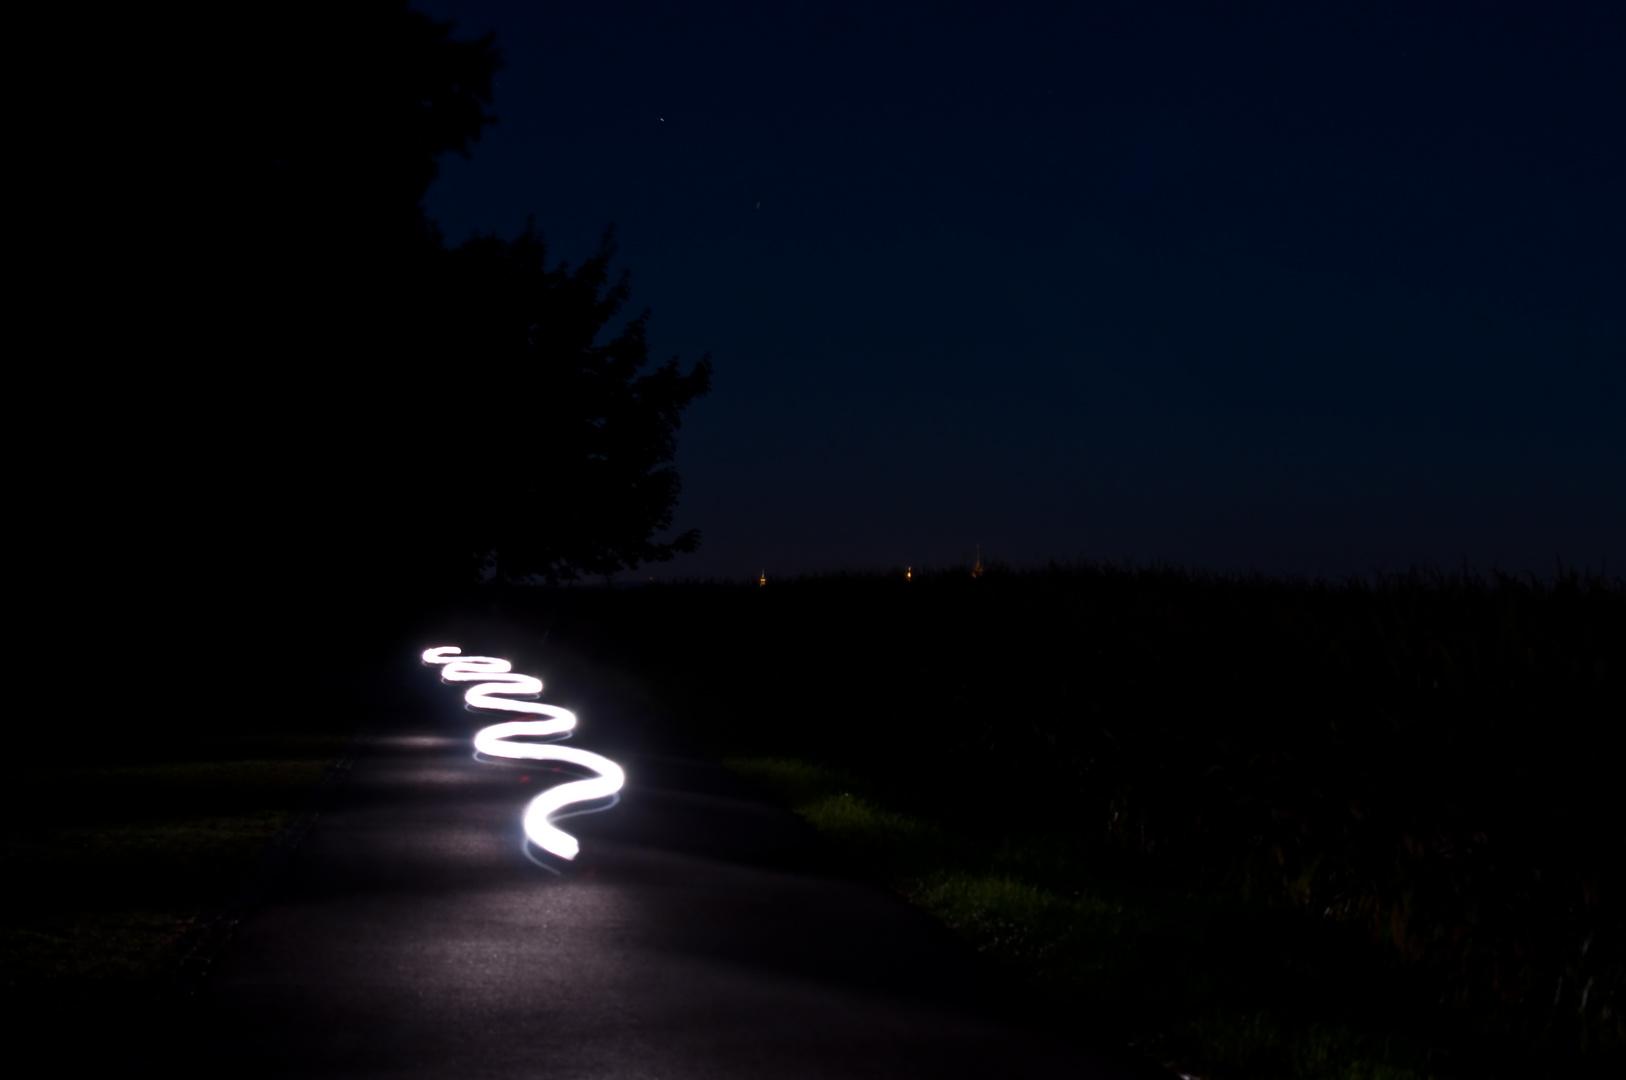 Lichtschlange